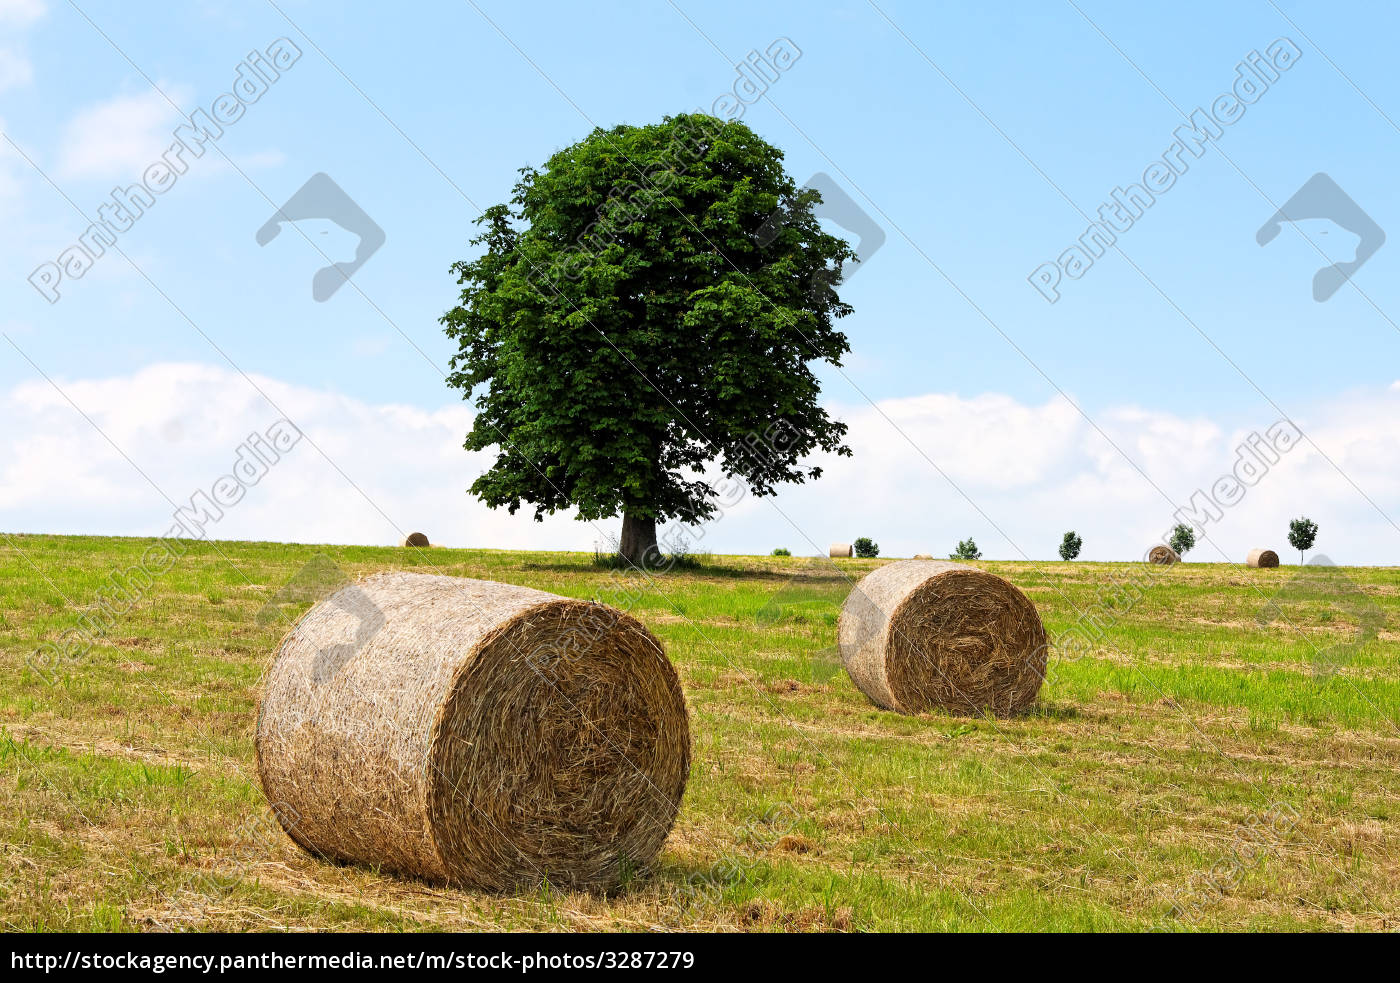 summer, landscape - 3287279